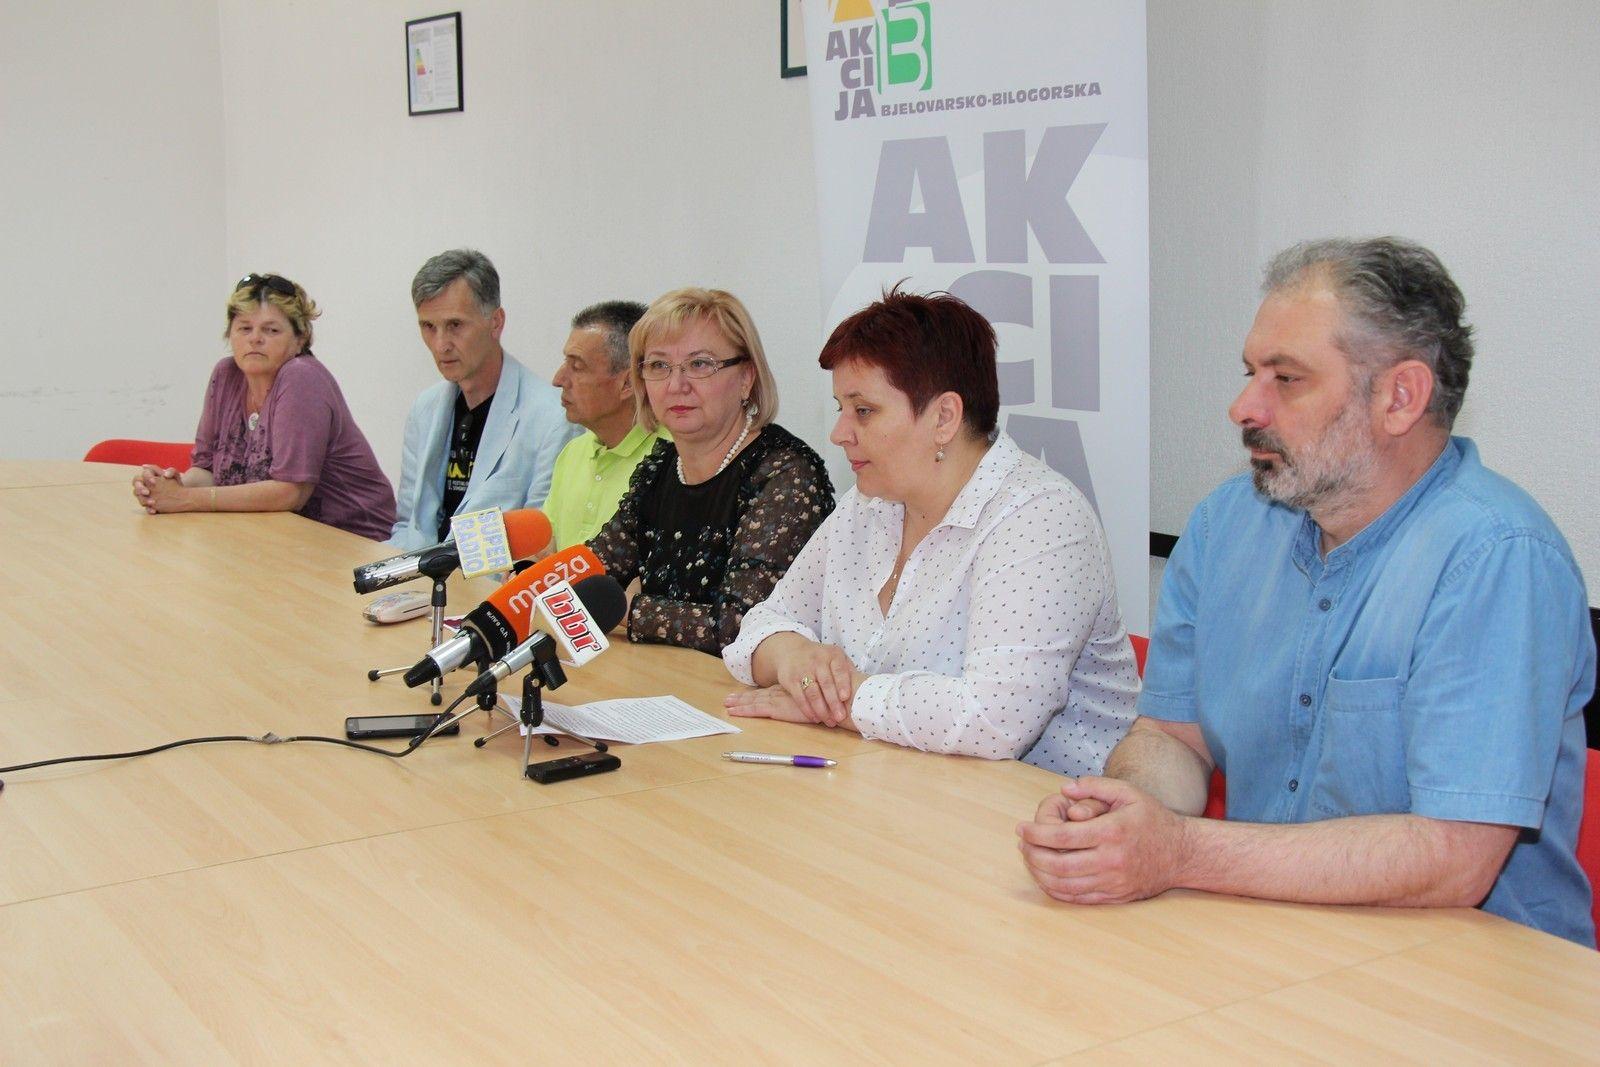 ABB-Akcija bjelovarsko-bilogorska dala podršku Dariu Hrebaku u 2. krugu lokalnih izbora za gradonačelnika grada Bjelovara